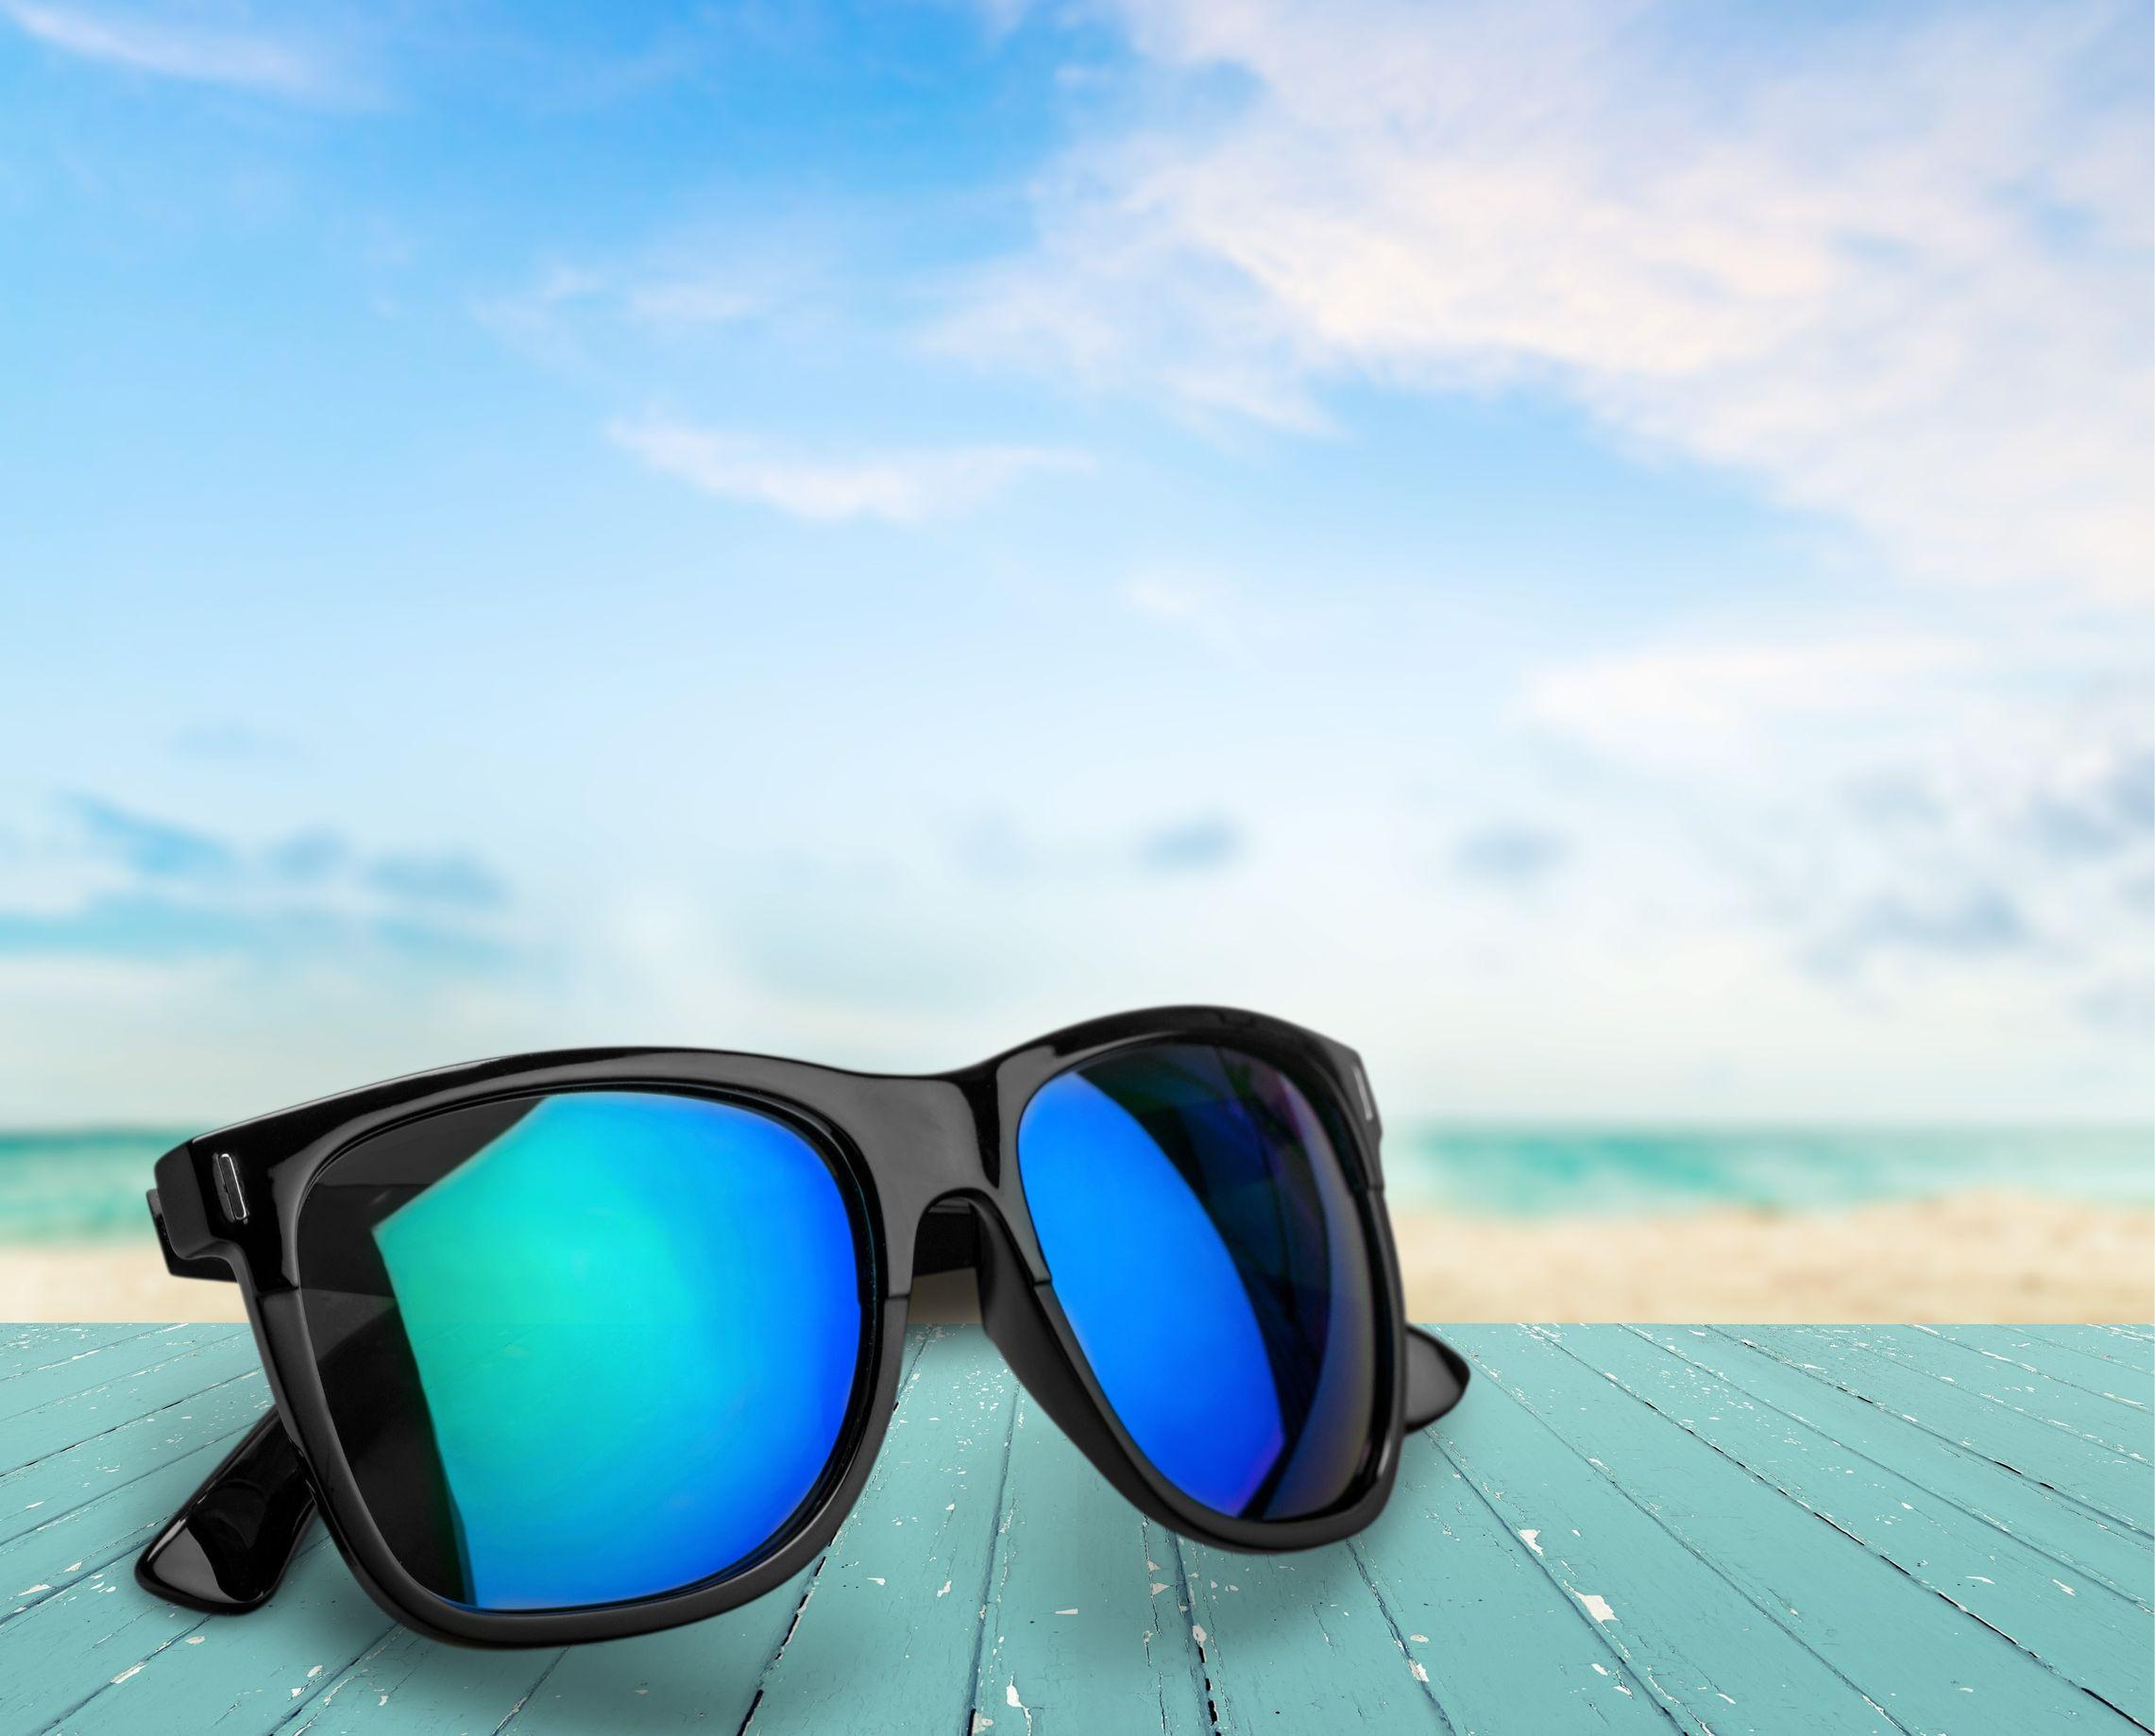 Nie wszystkie okulary przeciwsłoneczne są bezpieczne dla